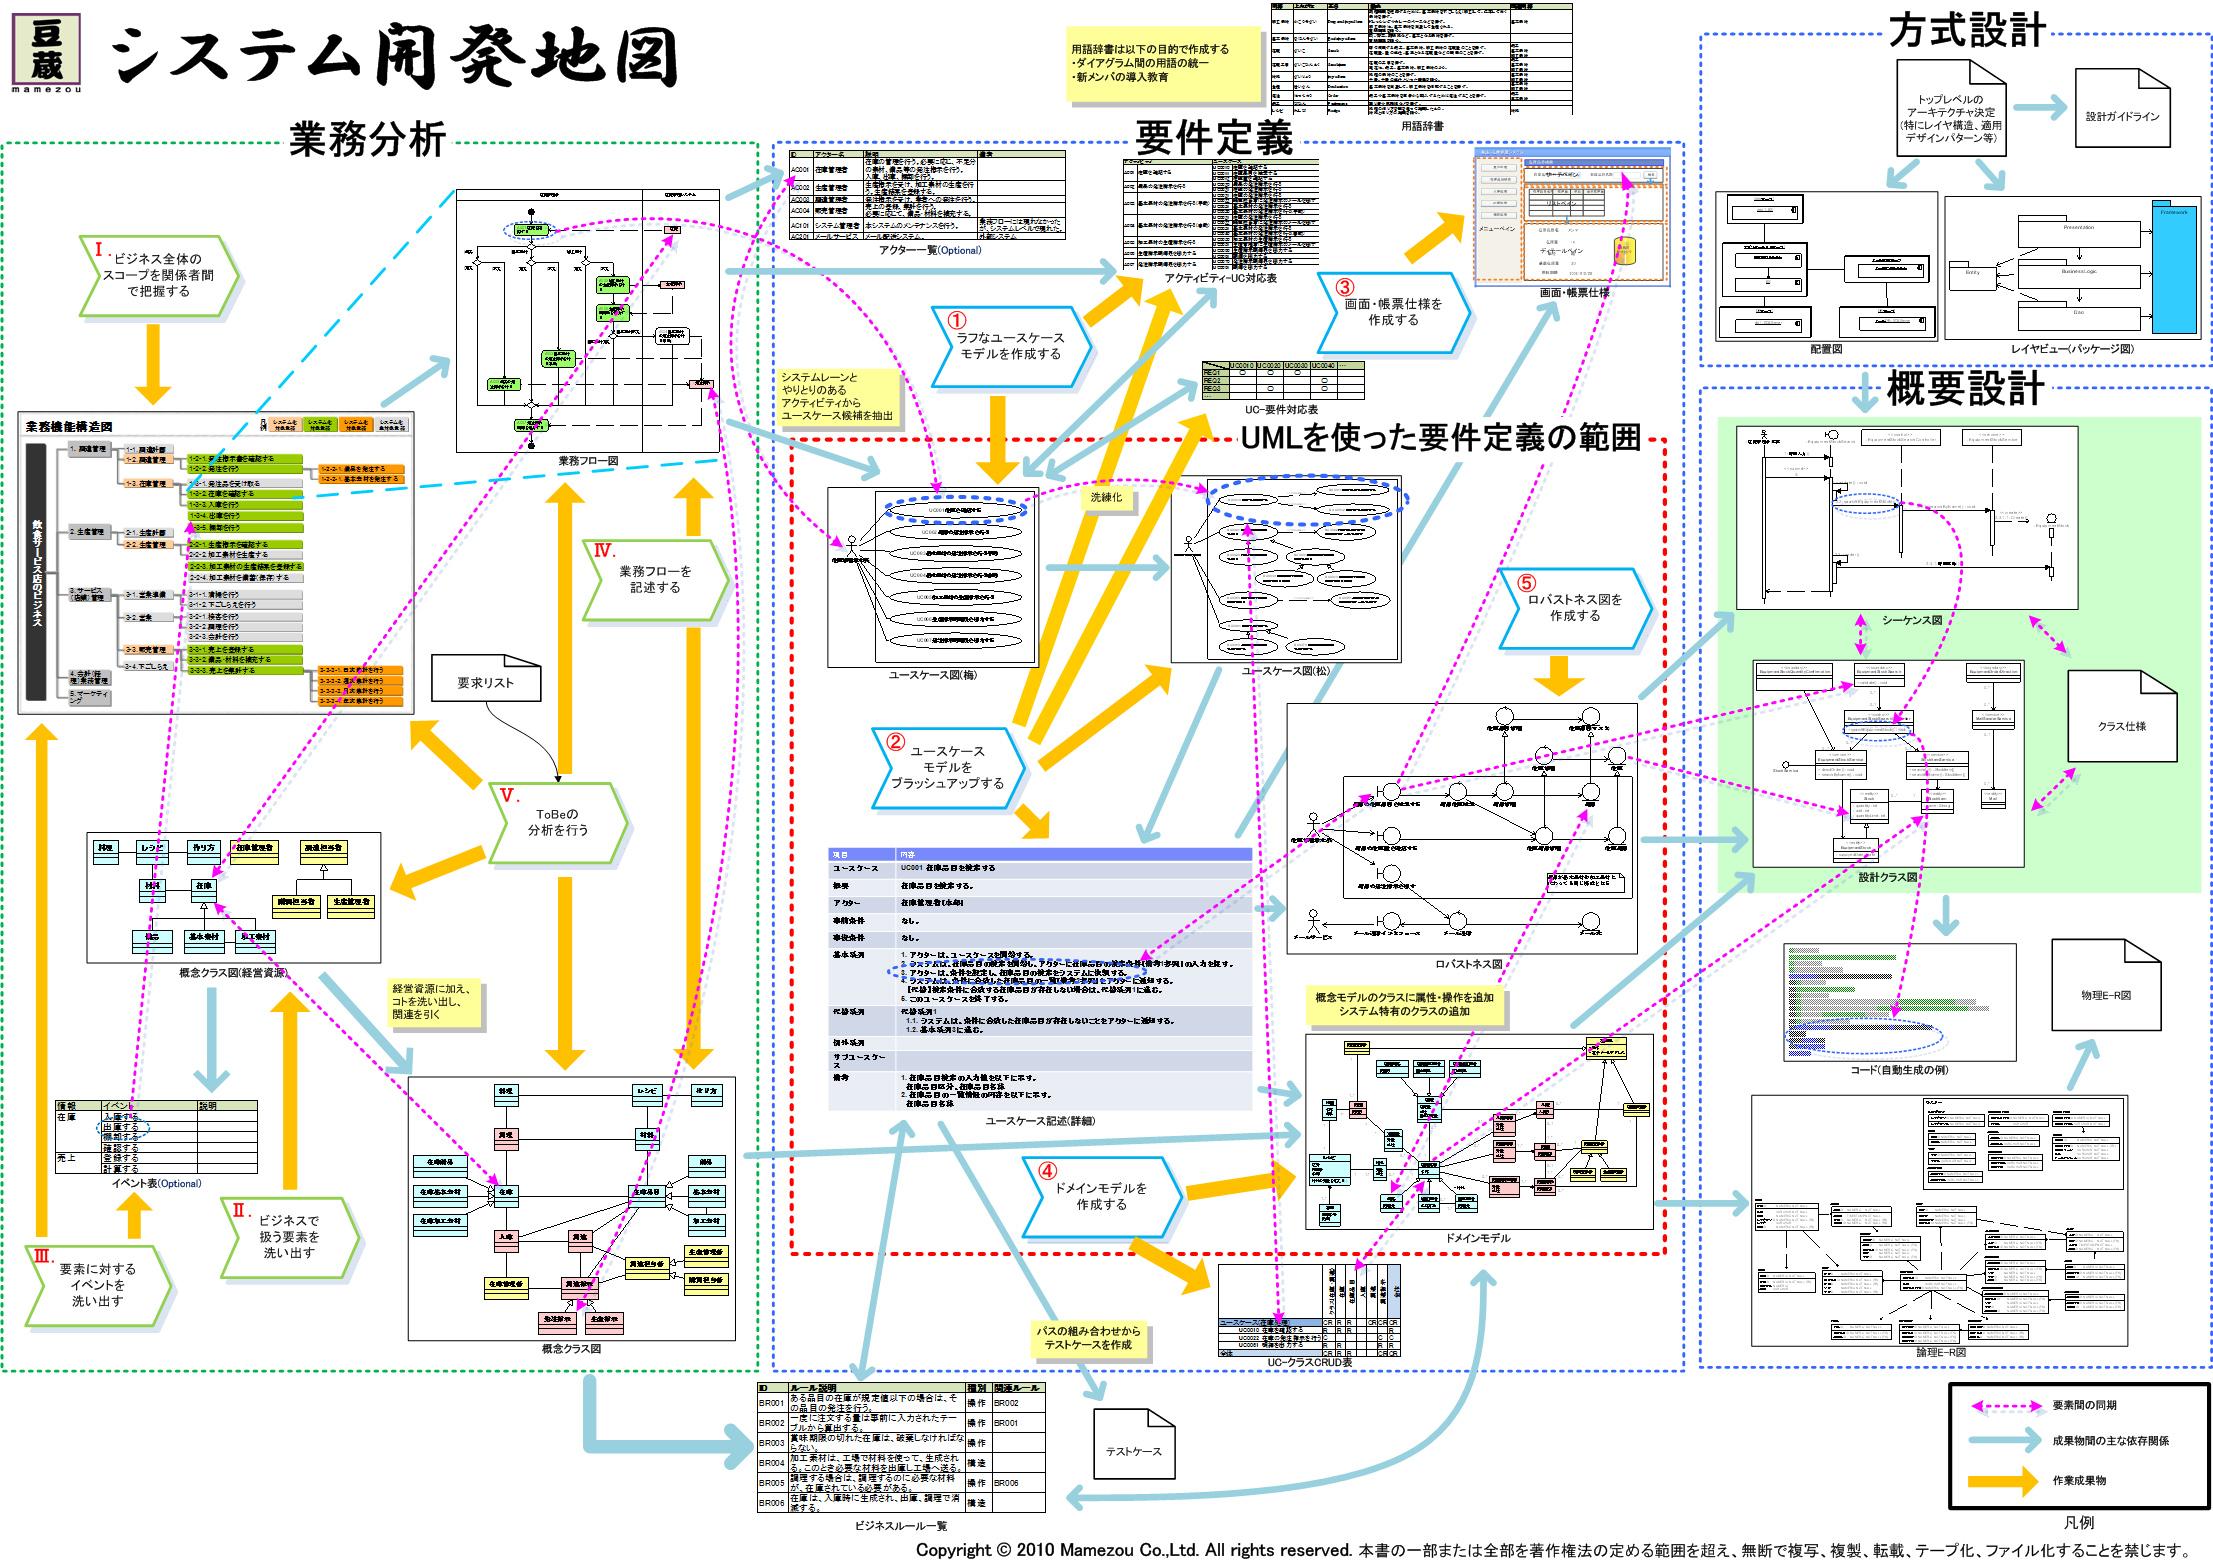 もう迷わないシステム開発:「システム開発地図」の使い方と作り方 第3回 (1/4)